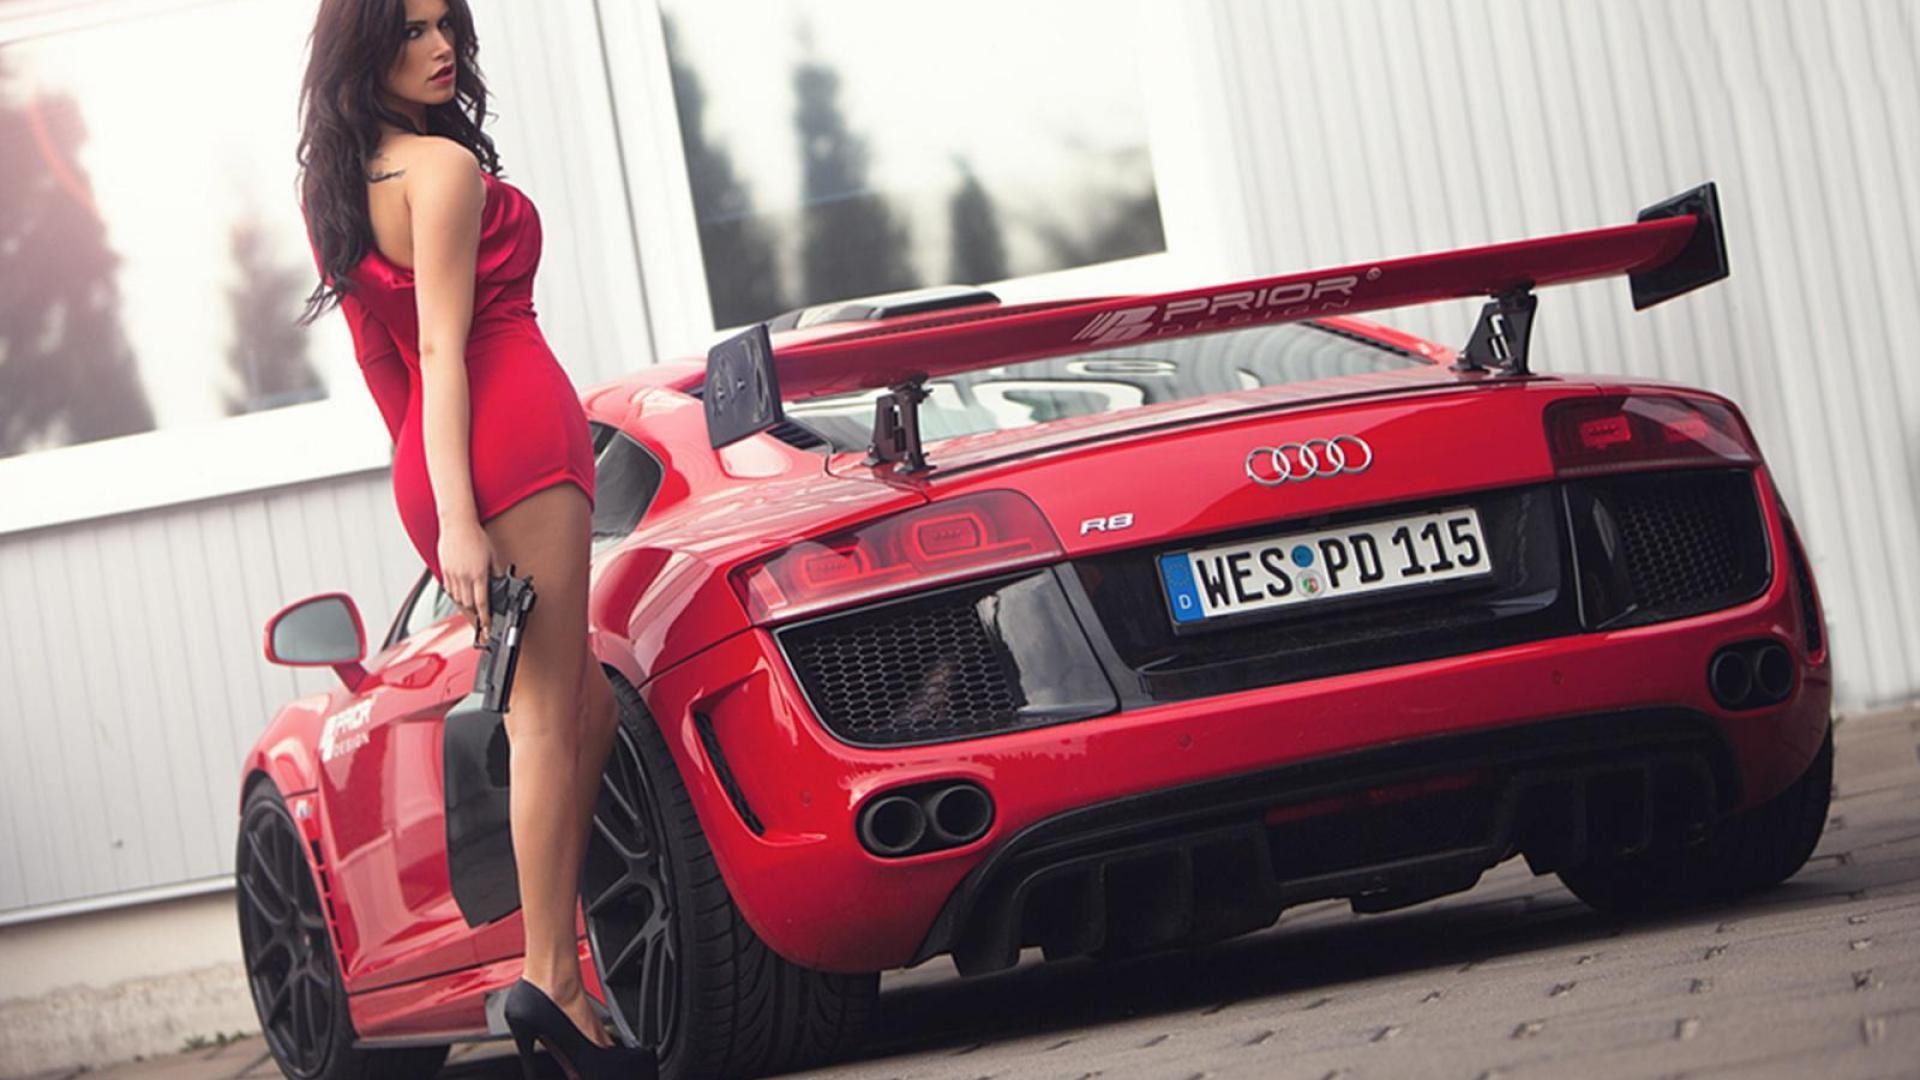 Фото девушки и автомобили 4 фотография